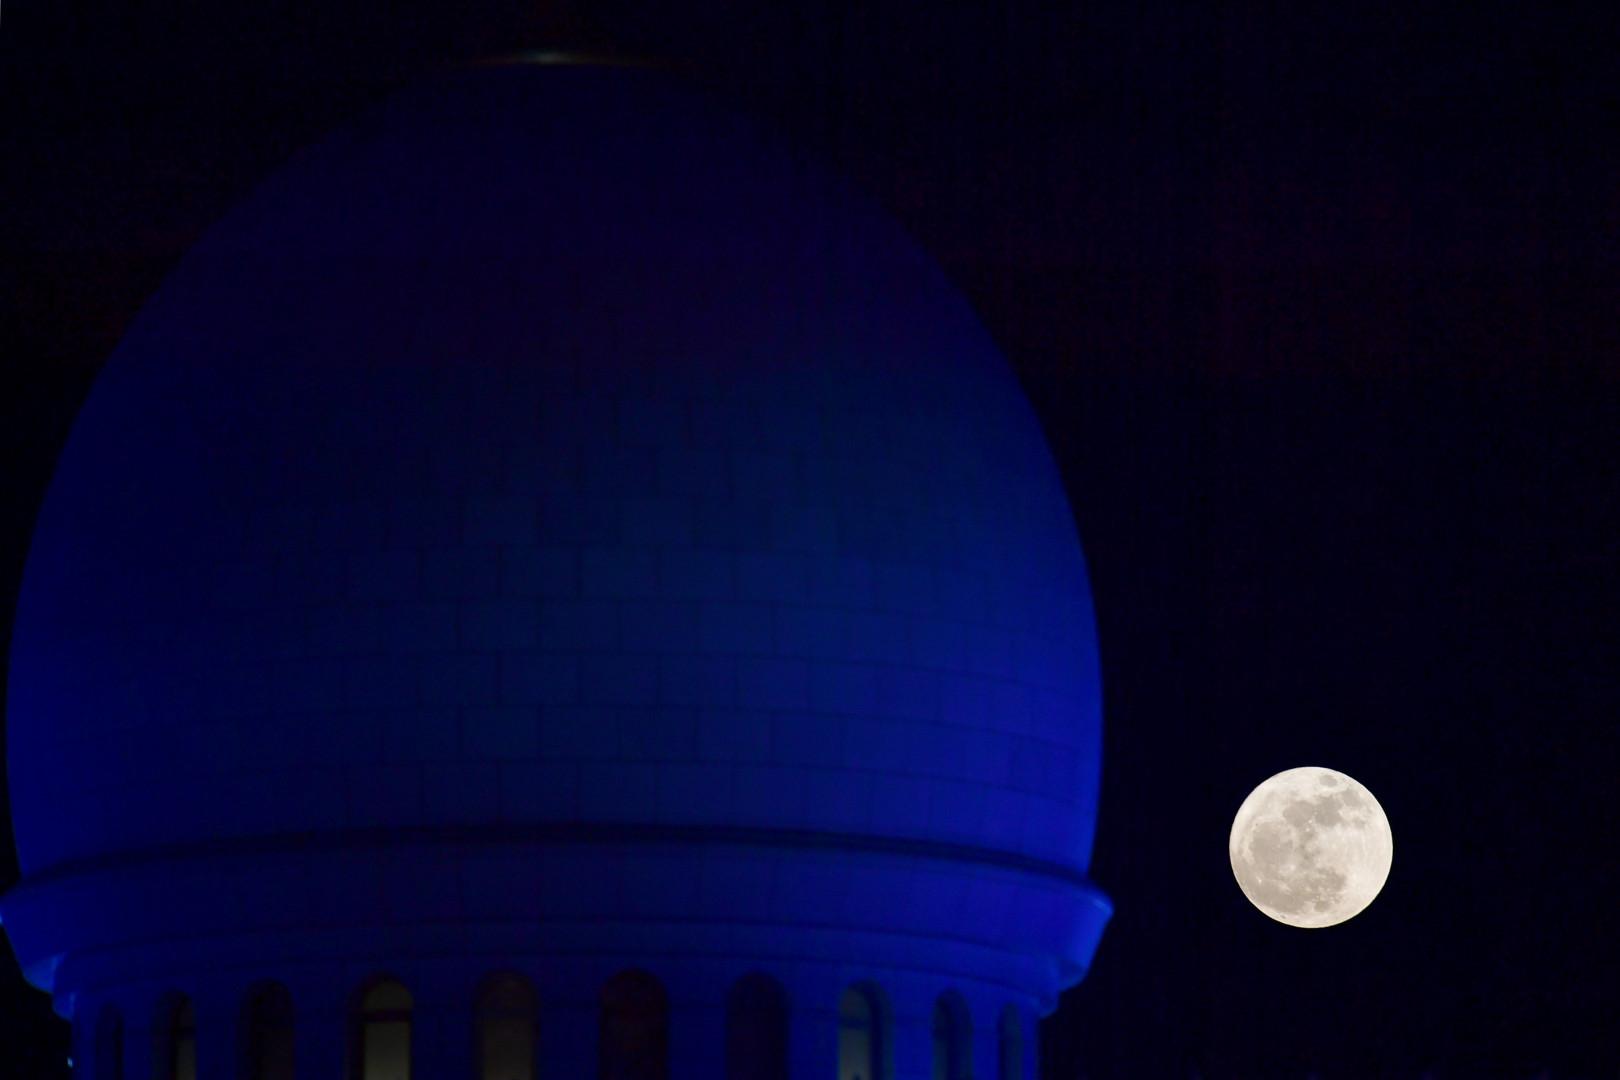 La Super Lune observée à Abu Dhabi (Émirats arabes unis), le 3 décembre 2017